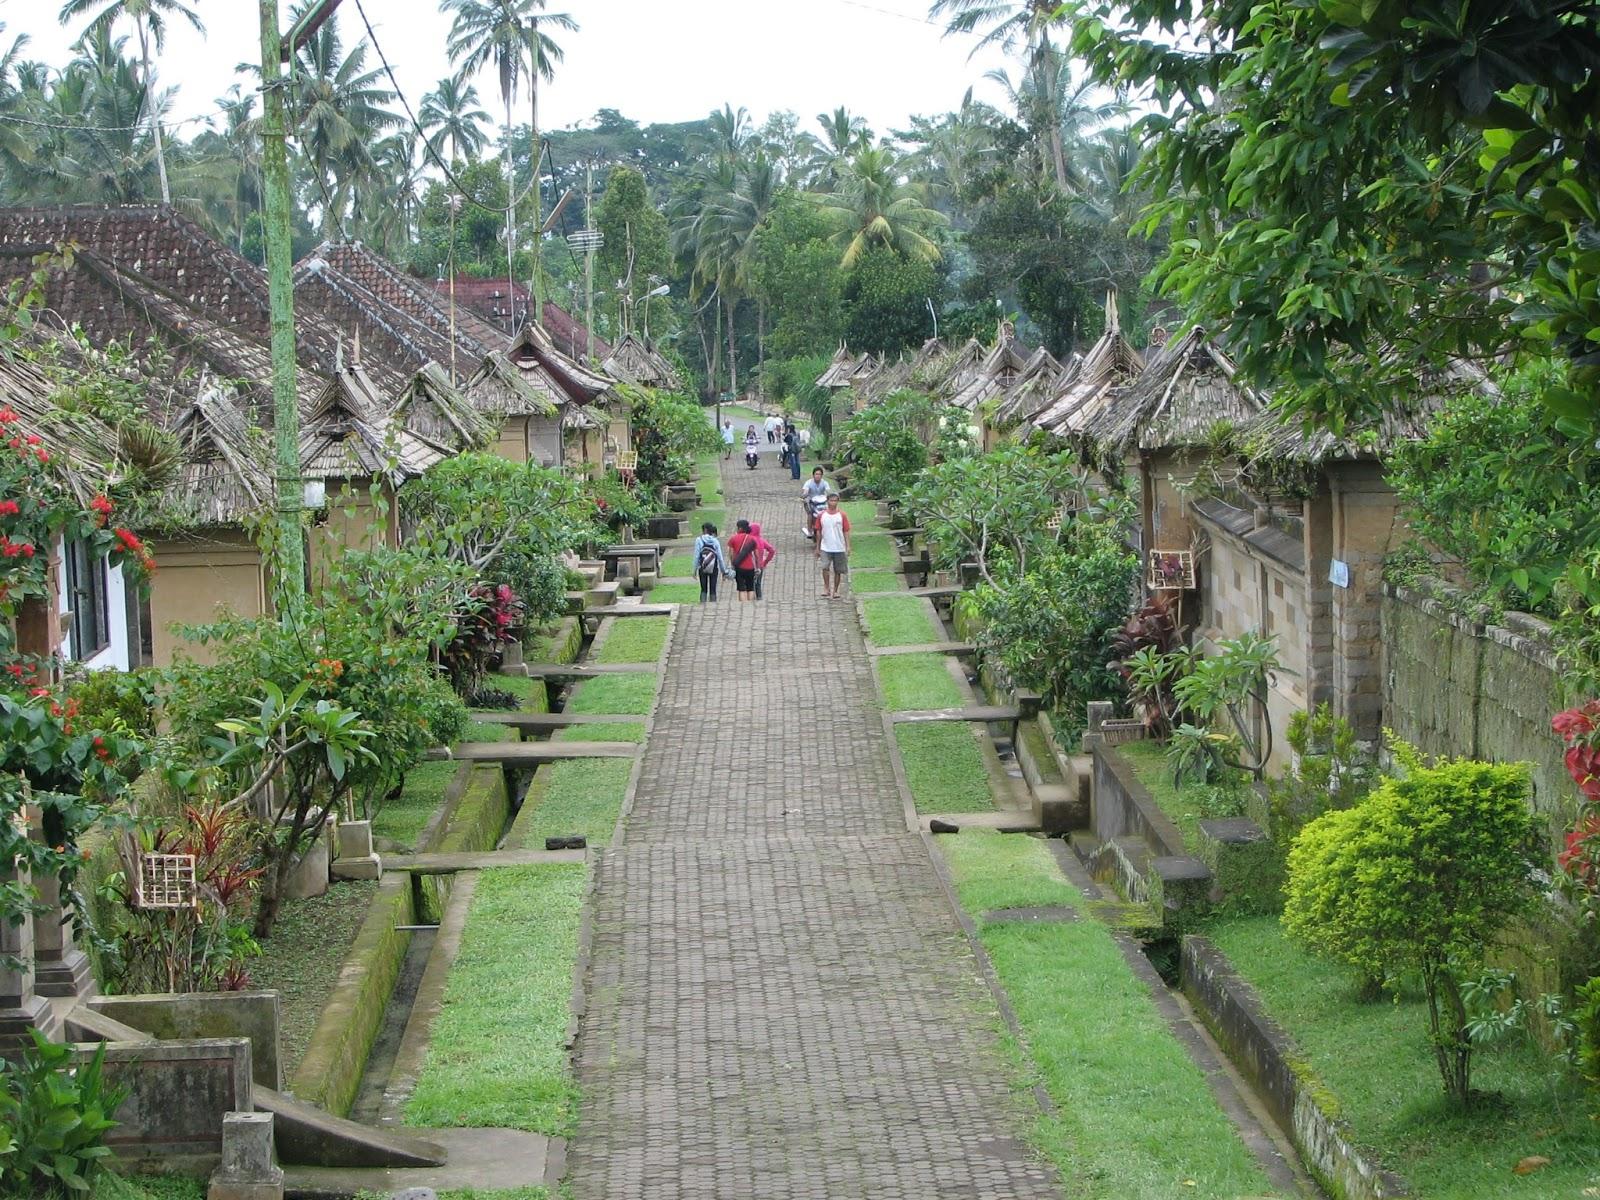 8 Objewk Wisata Populer di Bangli Bali yang bisa Anda kunjungi